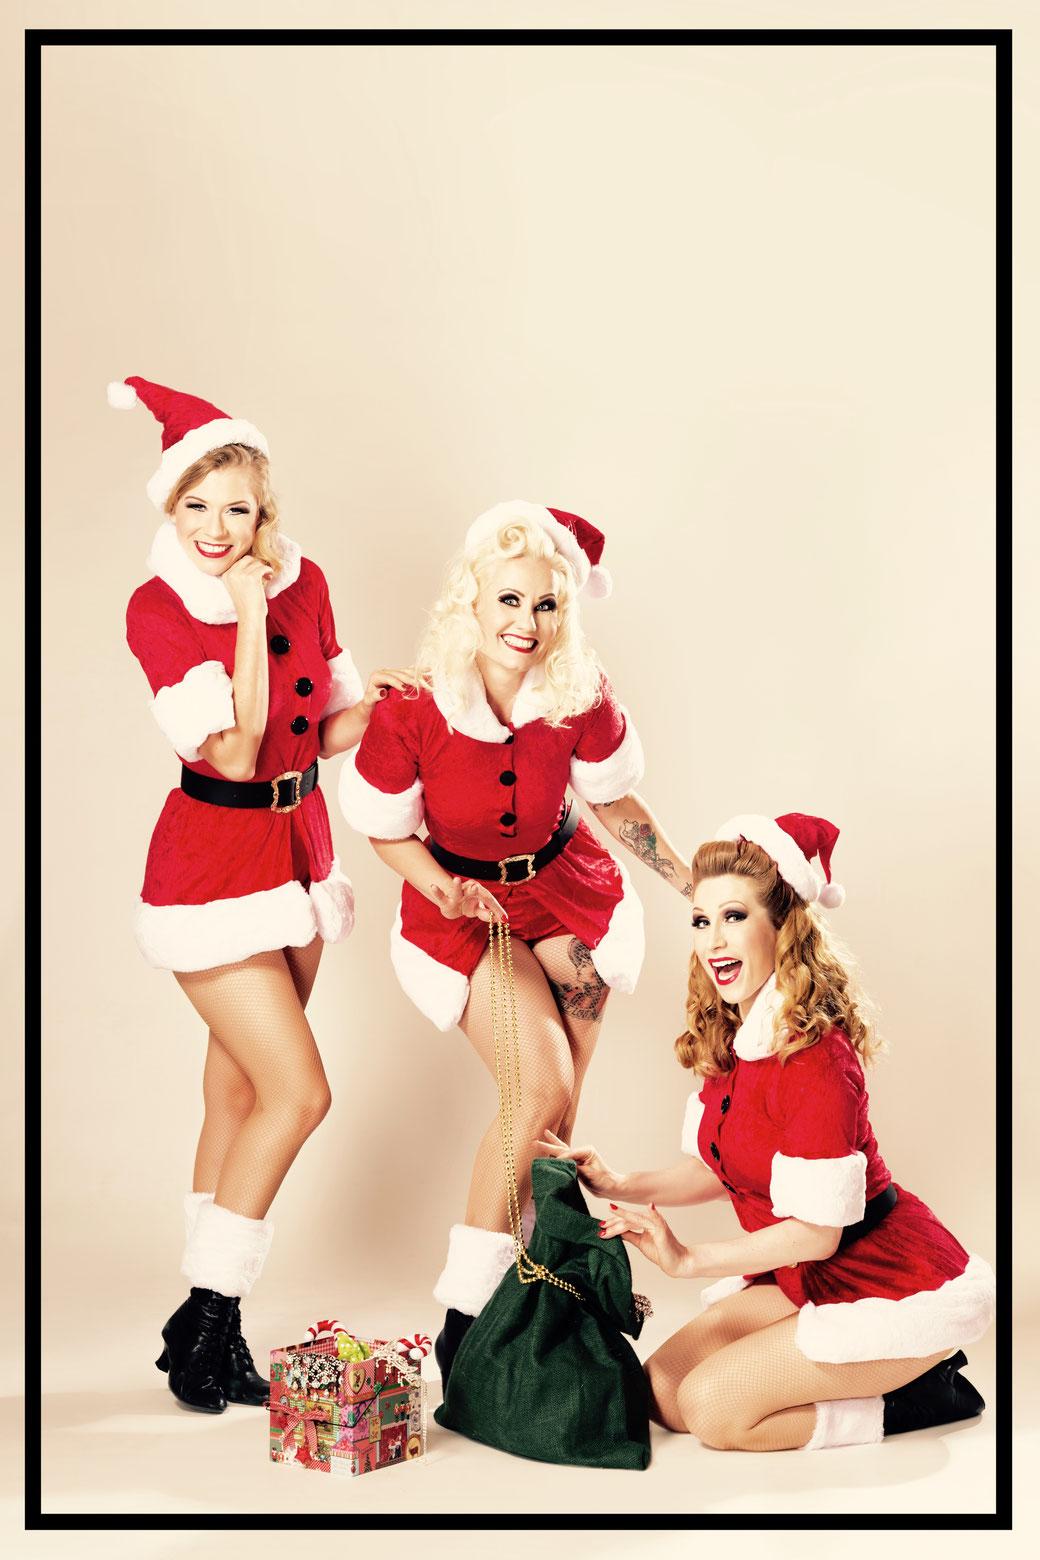 """Blonde Bombshell Burlesque mit seiner Weihnachtsrevue """"Süßer die Glöckchen nie schwingen"""". V.l.n.r.: Lilly Libelle, Rose Rainbow, Dixie Dynamite. Foto: Verena Gremmer"""